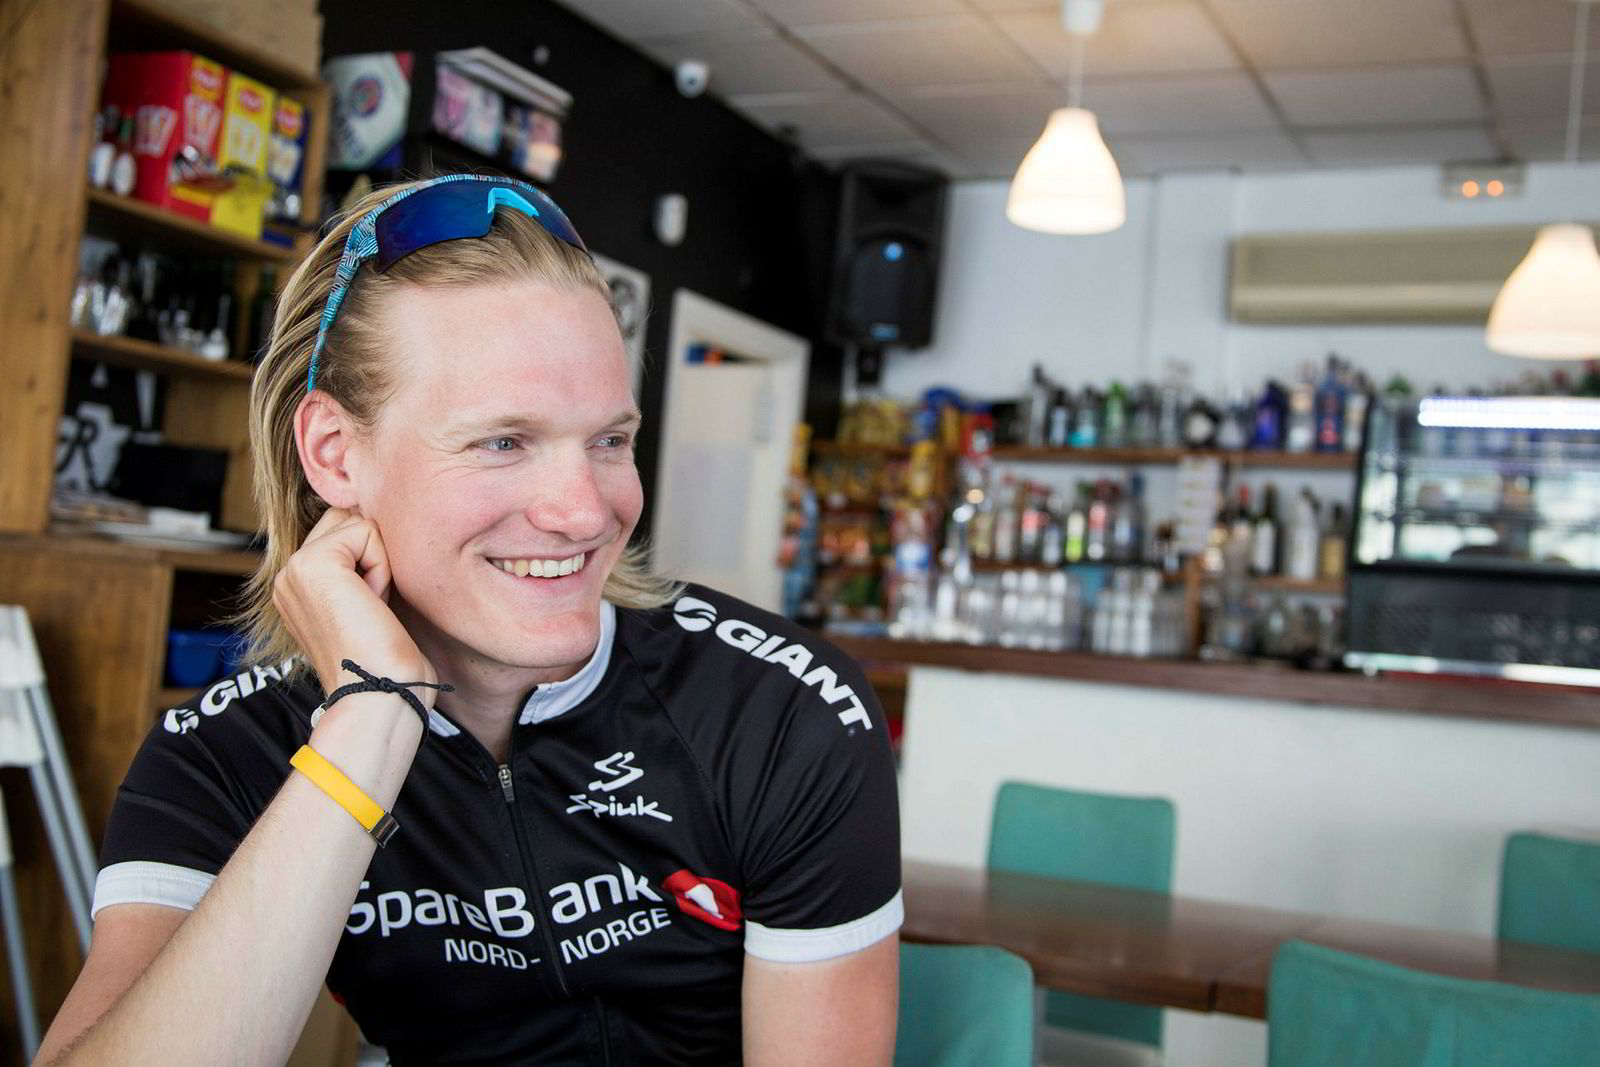 Kaffestopp er sterkt knyttet til den kontinentale sykkelkulturen som Dan Erik Hansen har fått et sterkt forhold til. På stamkafeen i sentrum av landsbyen der han bor tilbringes en del timer.